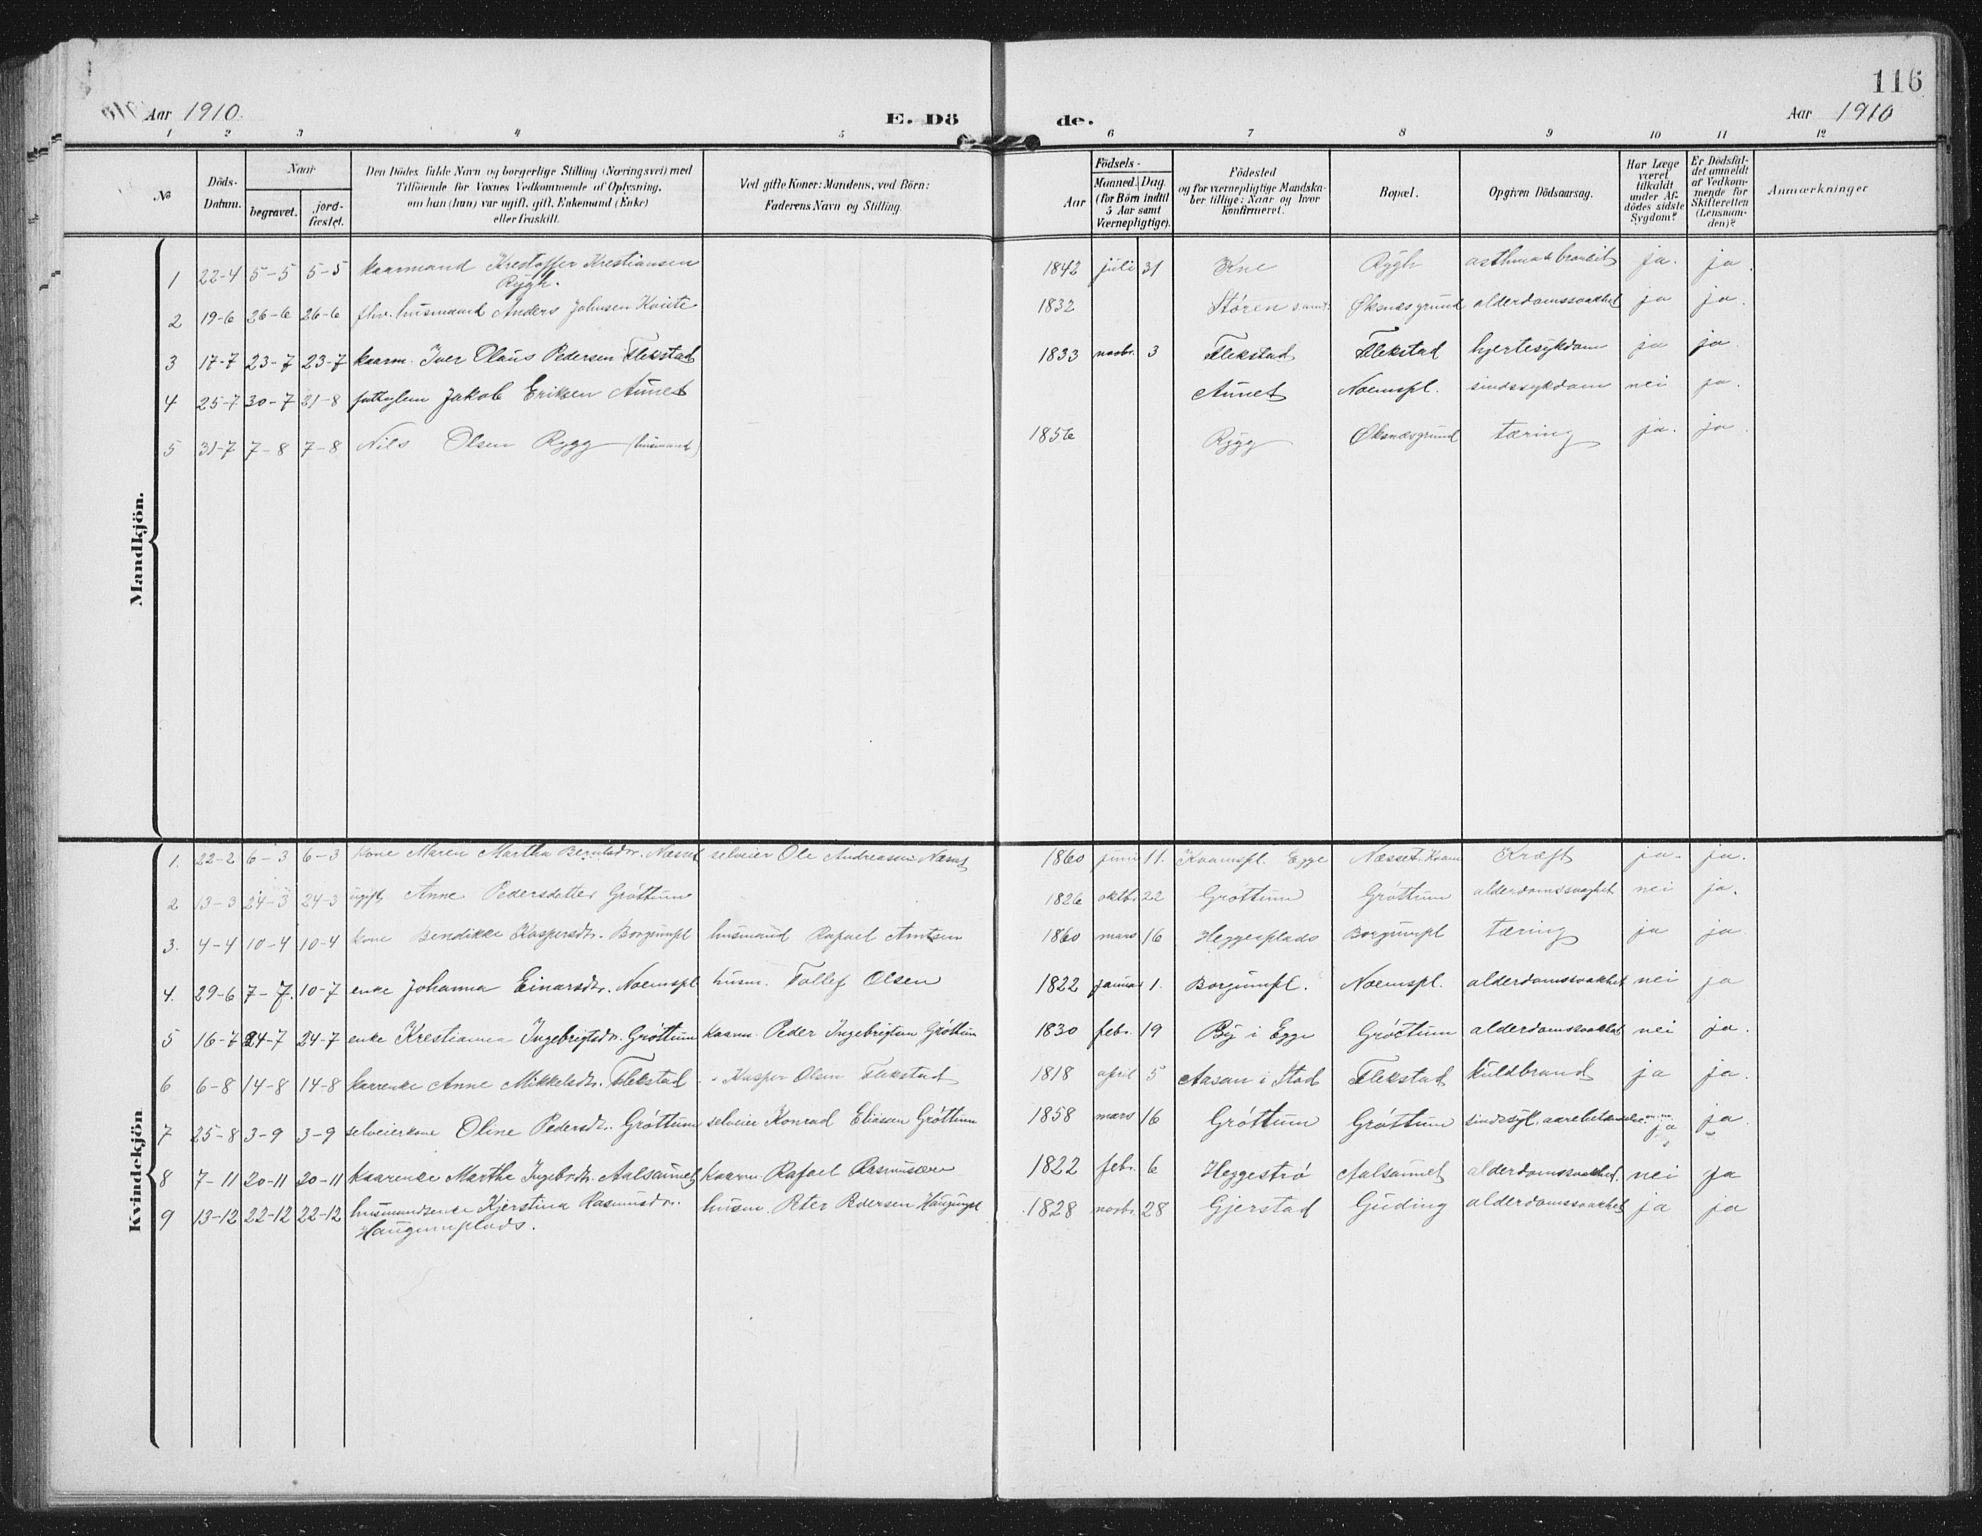 SAT, Ministerialprotokoller, klokkerbøker og fødselsregistre - Nord-Trøndelag, 747/L0460: Klokkerbok nr. 747C02, 1908-1939, s. 116